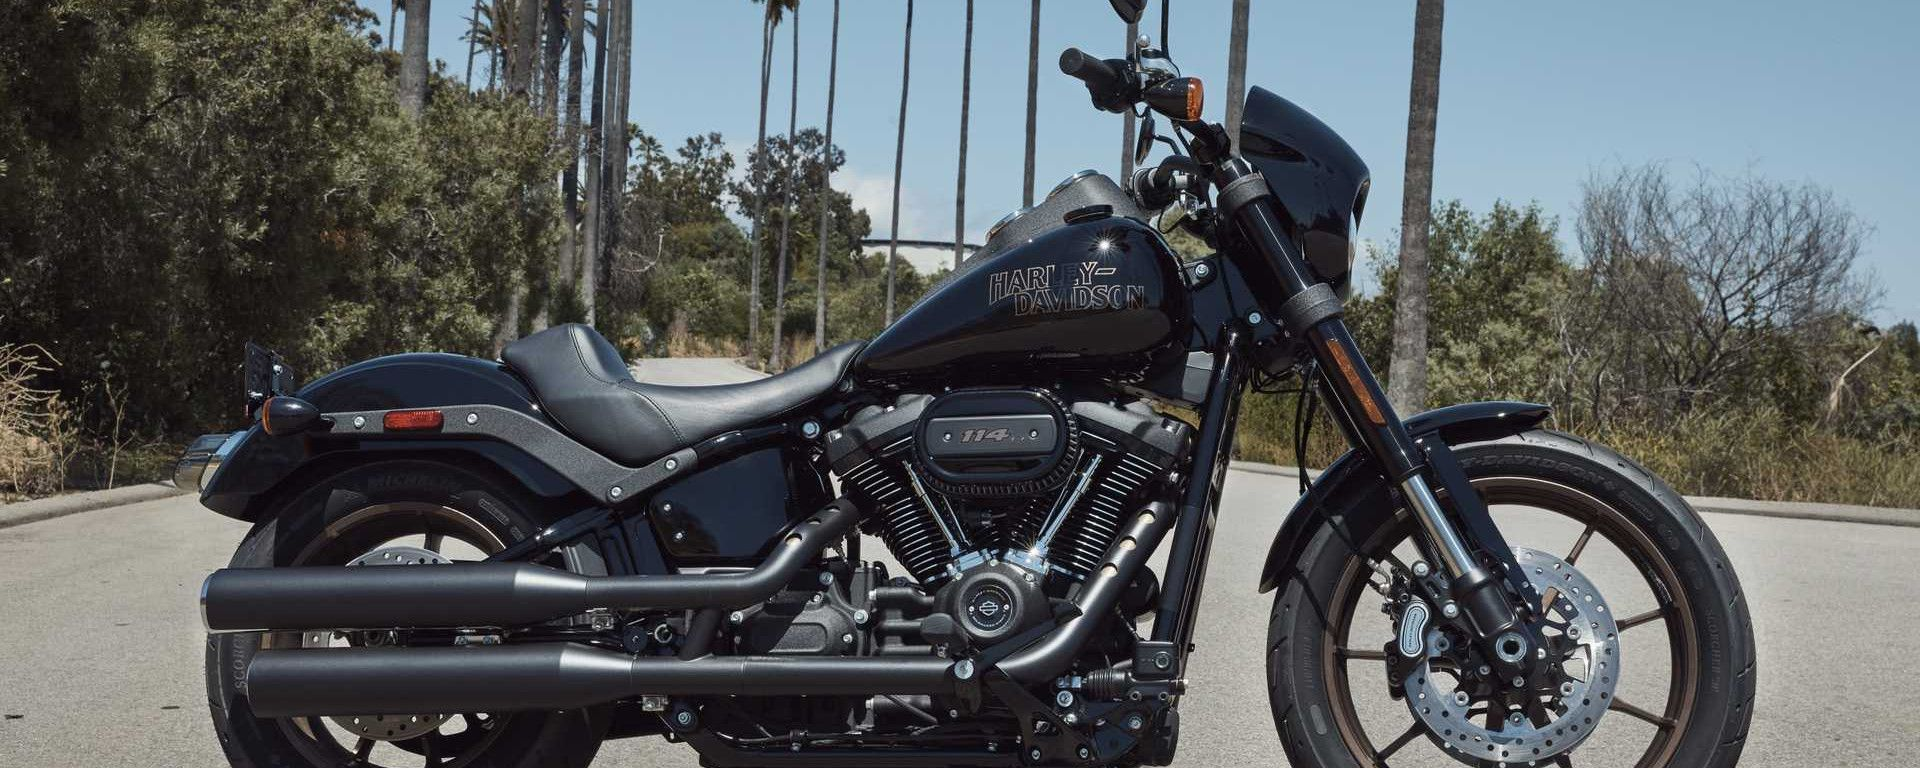 Harley Davidson: svelati i primi modelli 2020 e le tecnologia del futuro